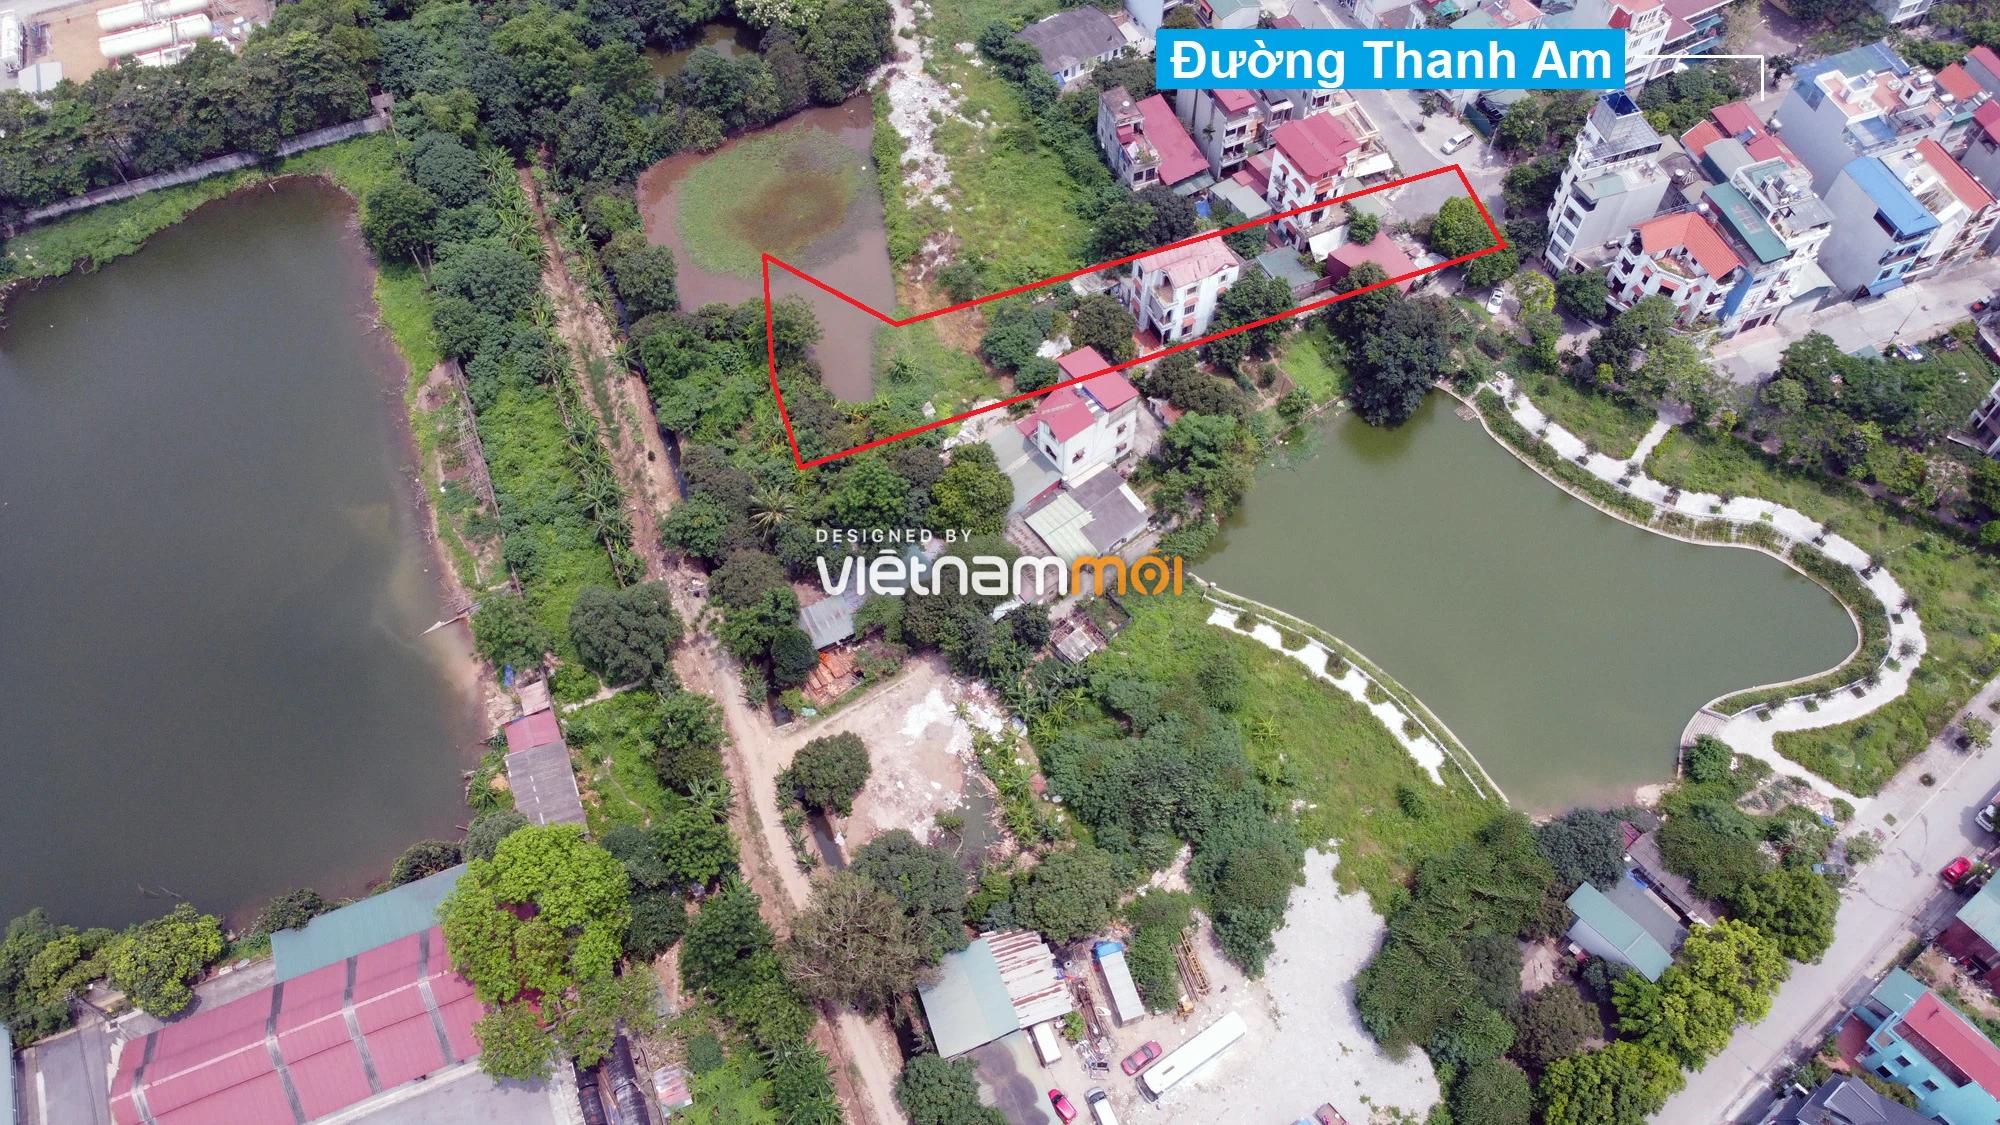 Những khu đất sắp thu hồi để mở đường ở phường Thượng Thanh, Long Biên, Hà Nội (phần 4) - Ảnh 18.